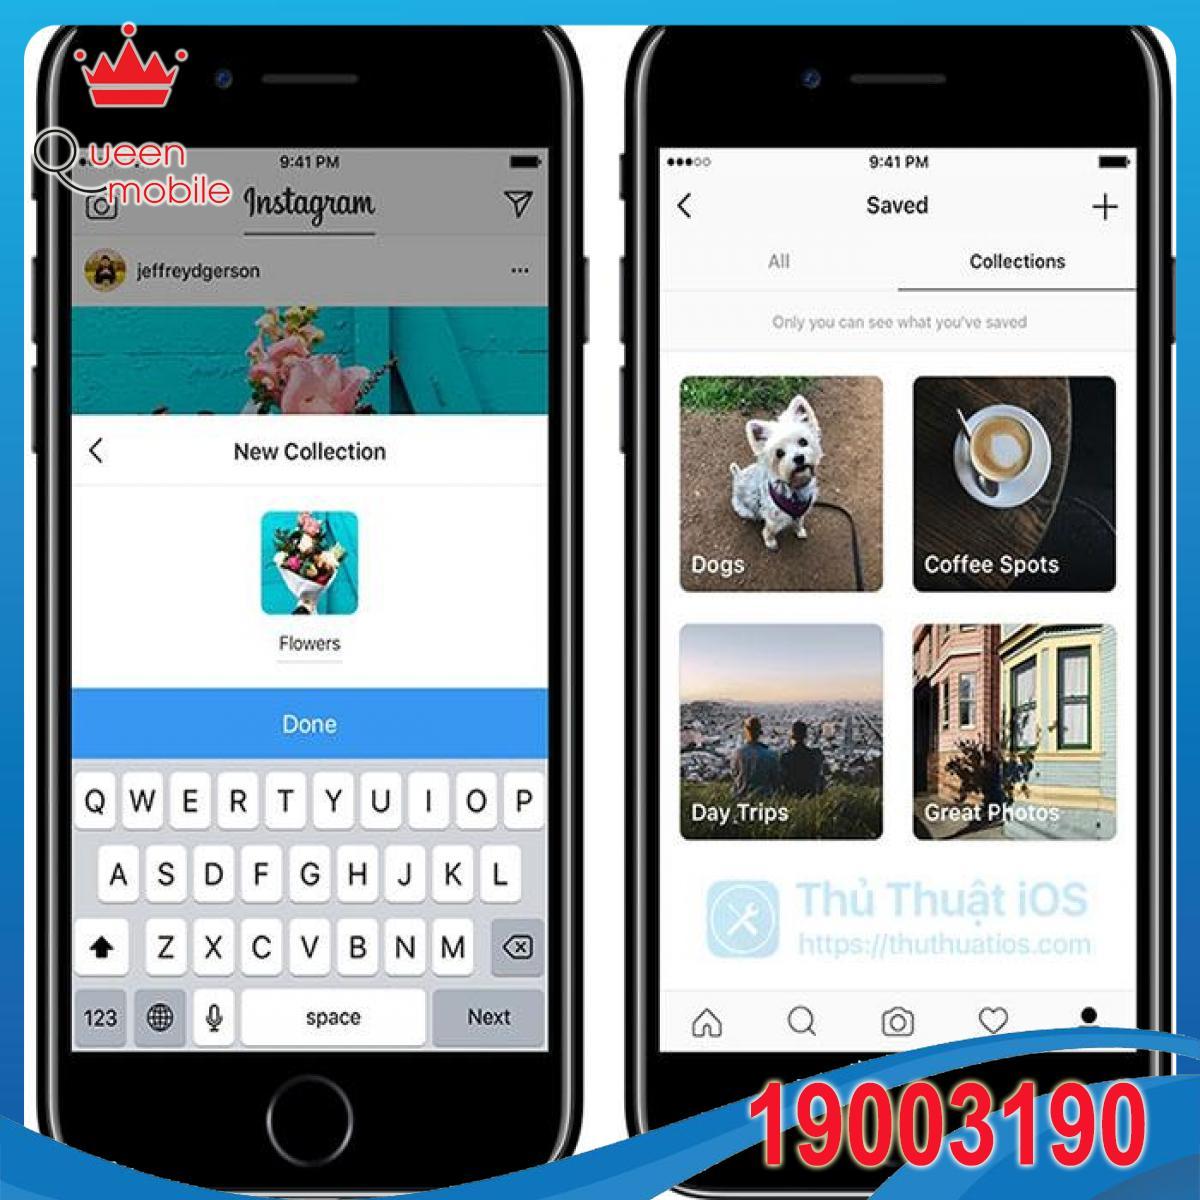 Instagram nâng cấp tính năng lưu bài viết, giúp bạn kiểm soát chúng tốt hơn